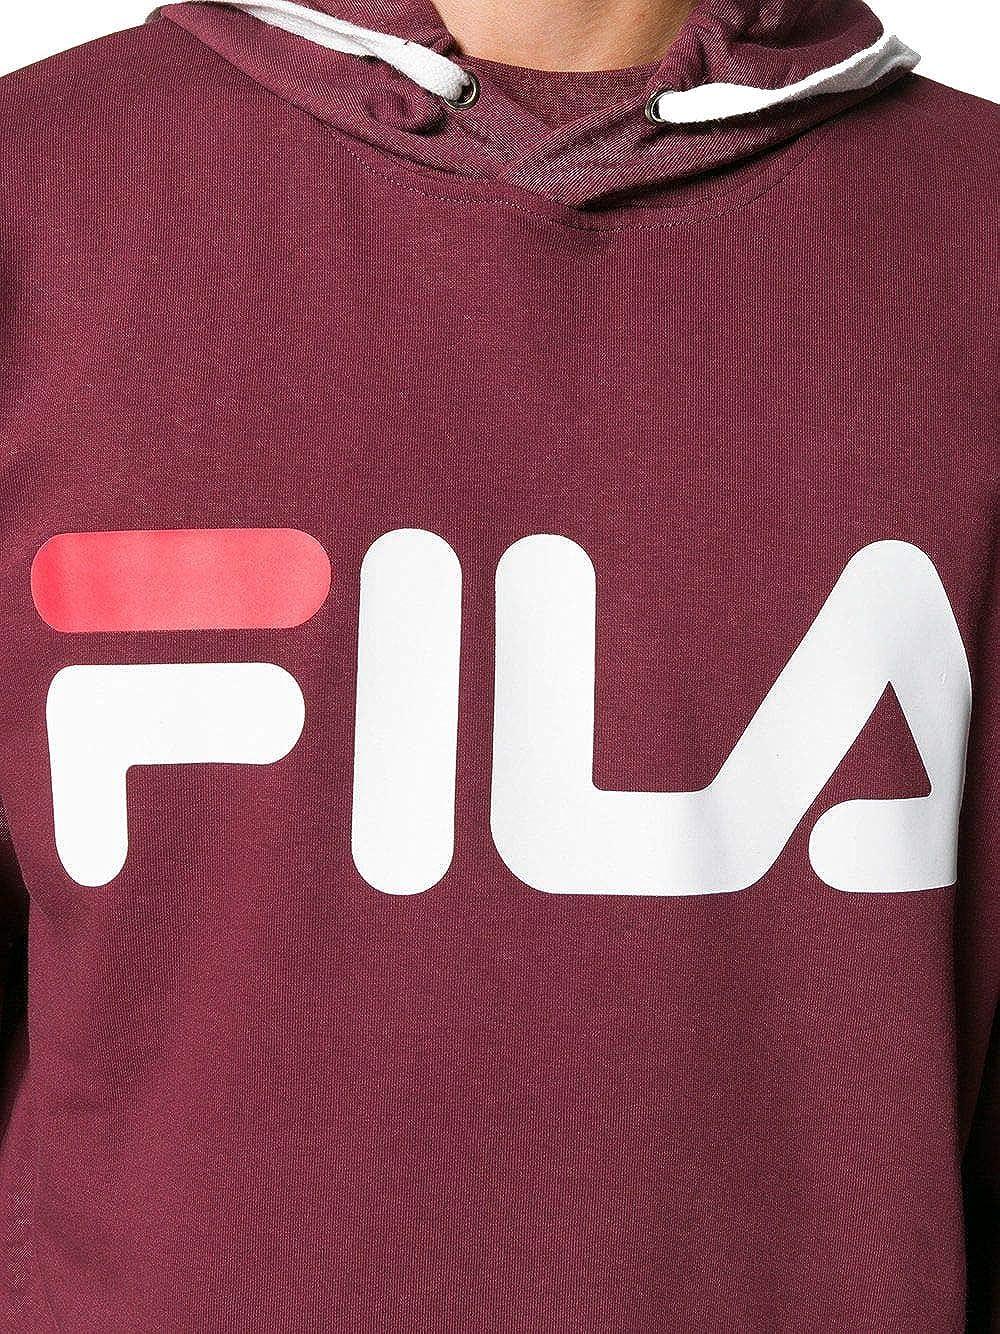 1964eda50bc4e Fila - Sweat-Shirt - Homme Rouge Bordeaux - - Marke Taille M: Amazon.fr:  Vêtements et accessoires